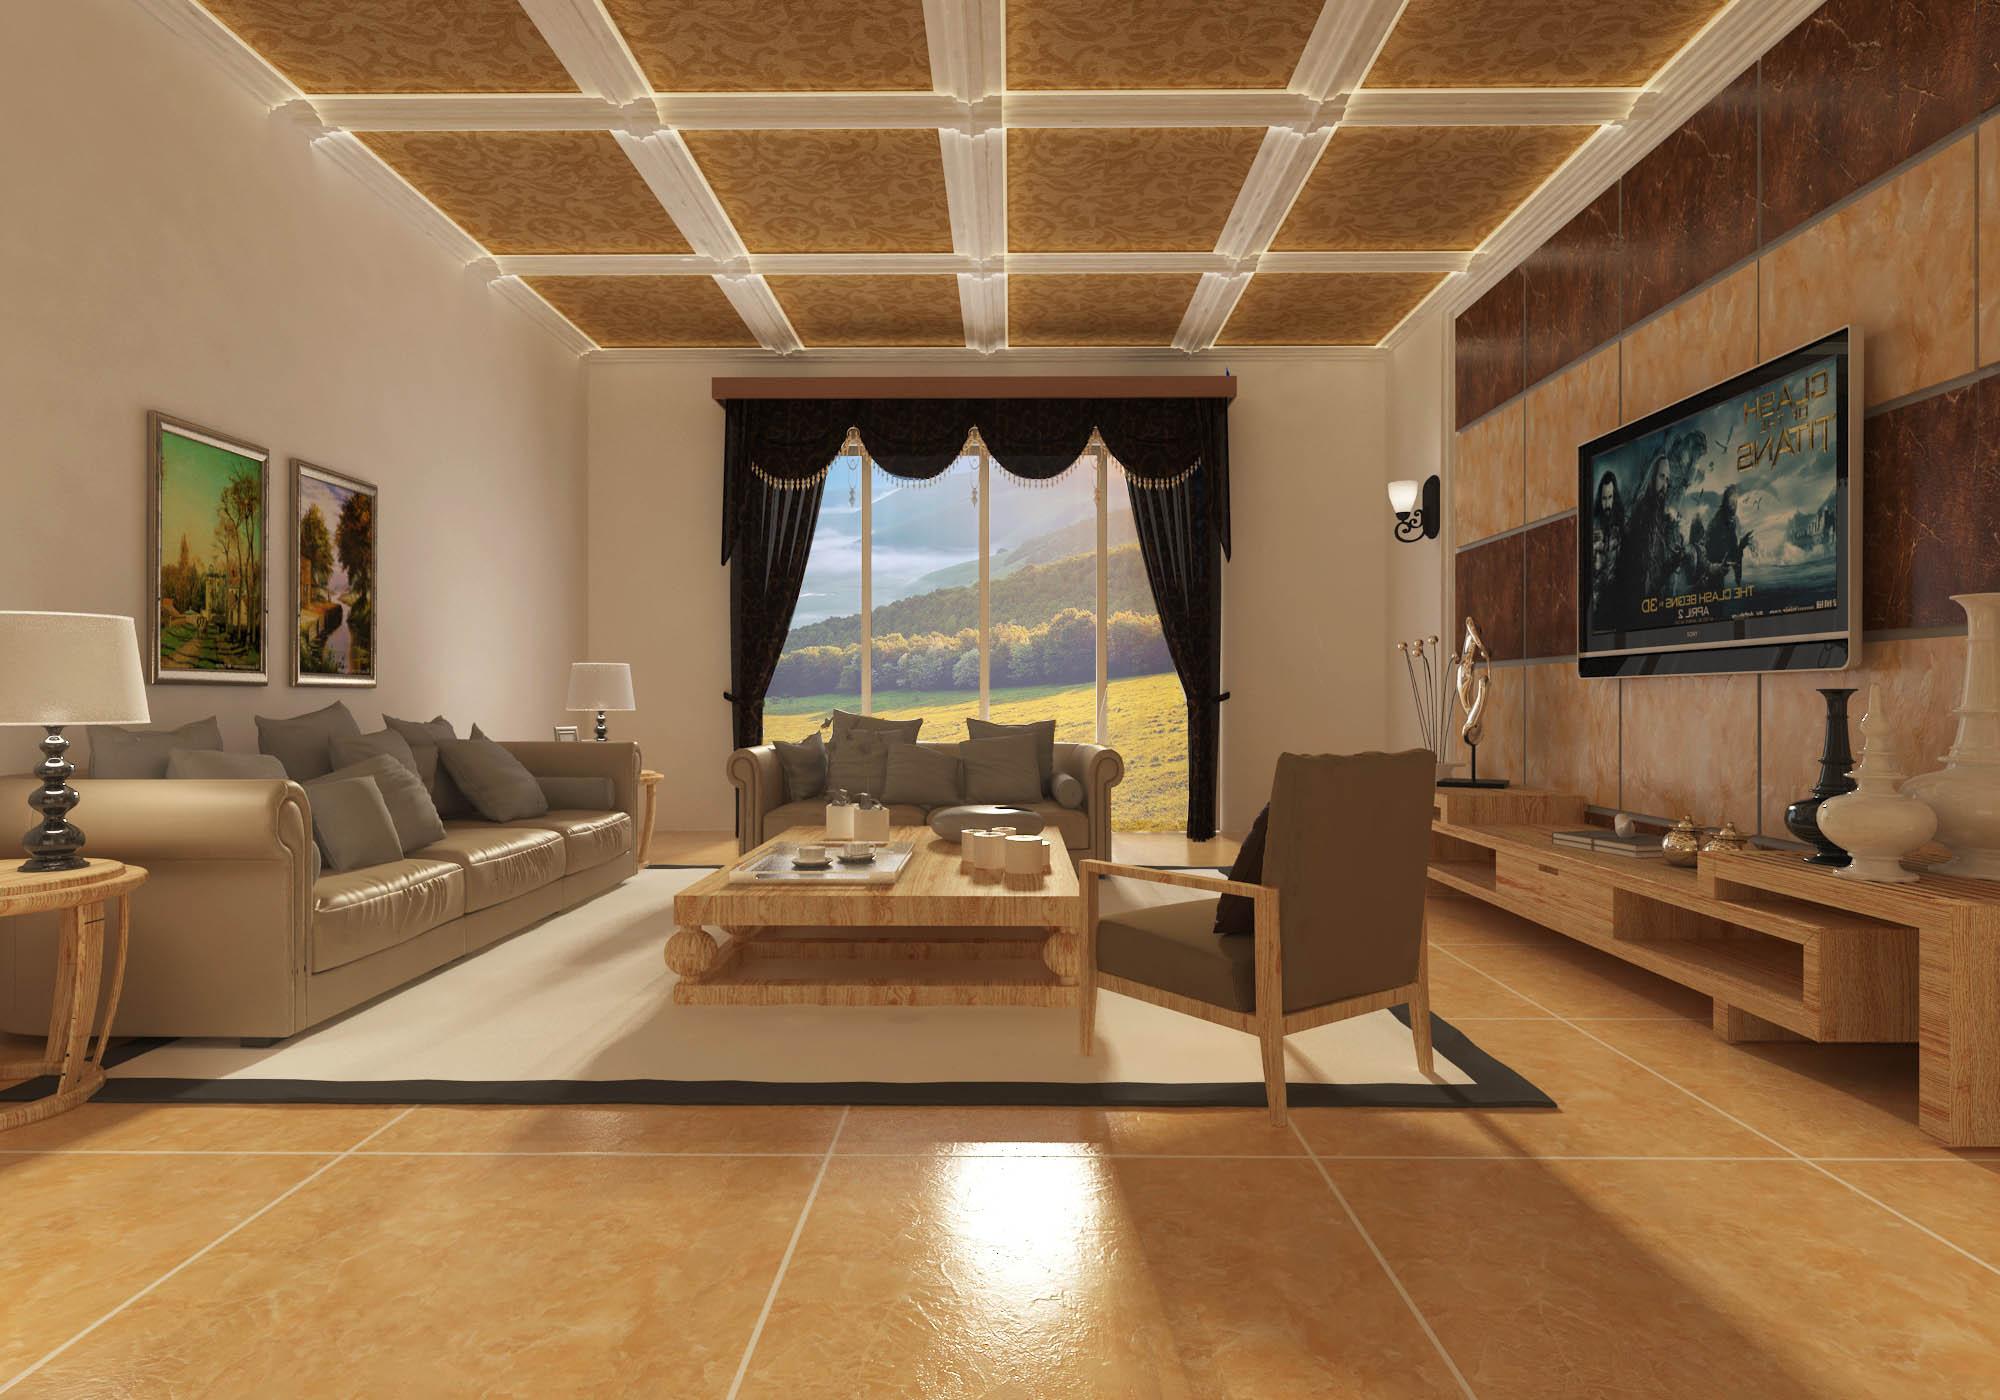 客厅效果图|空间|室内设计|zhanjiabian123 - 原创